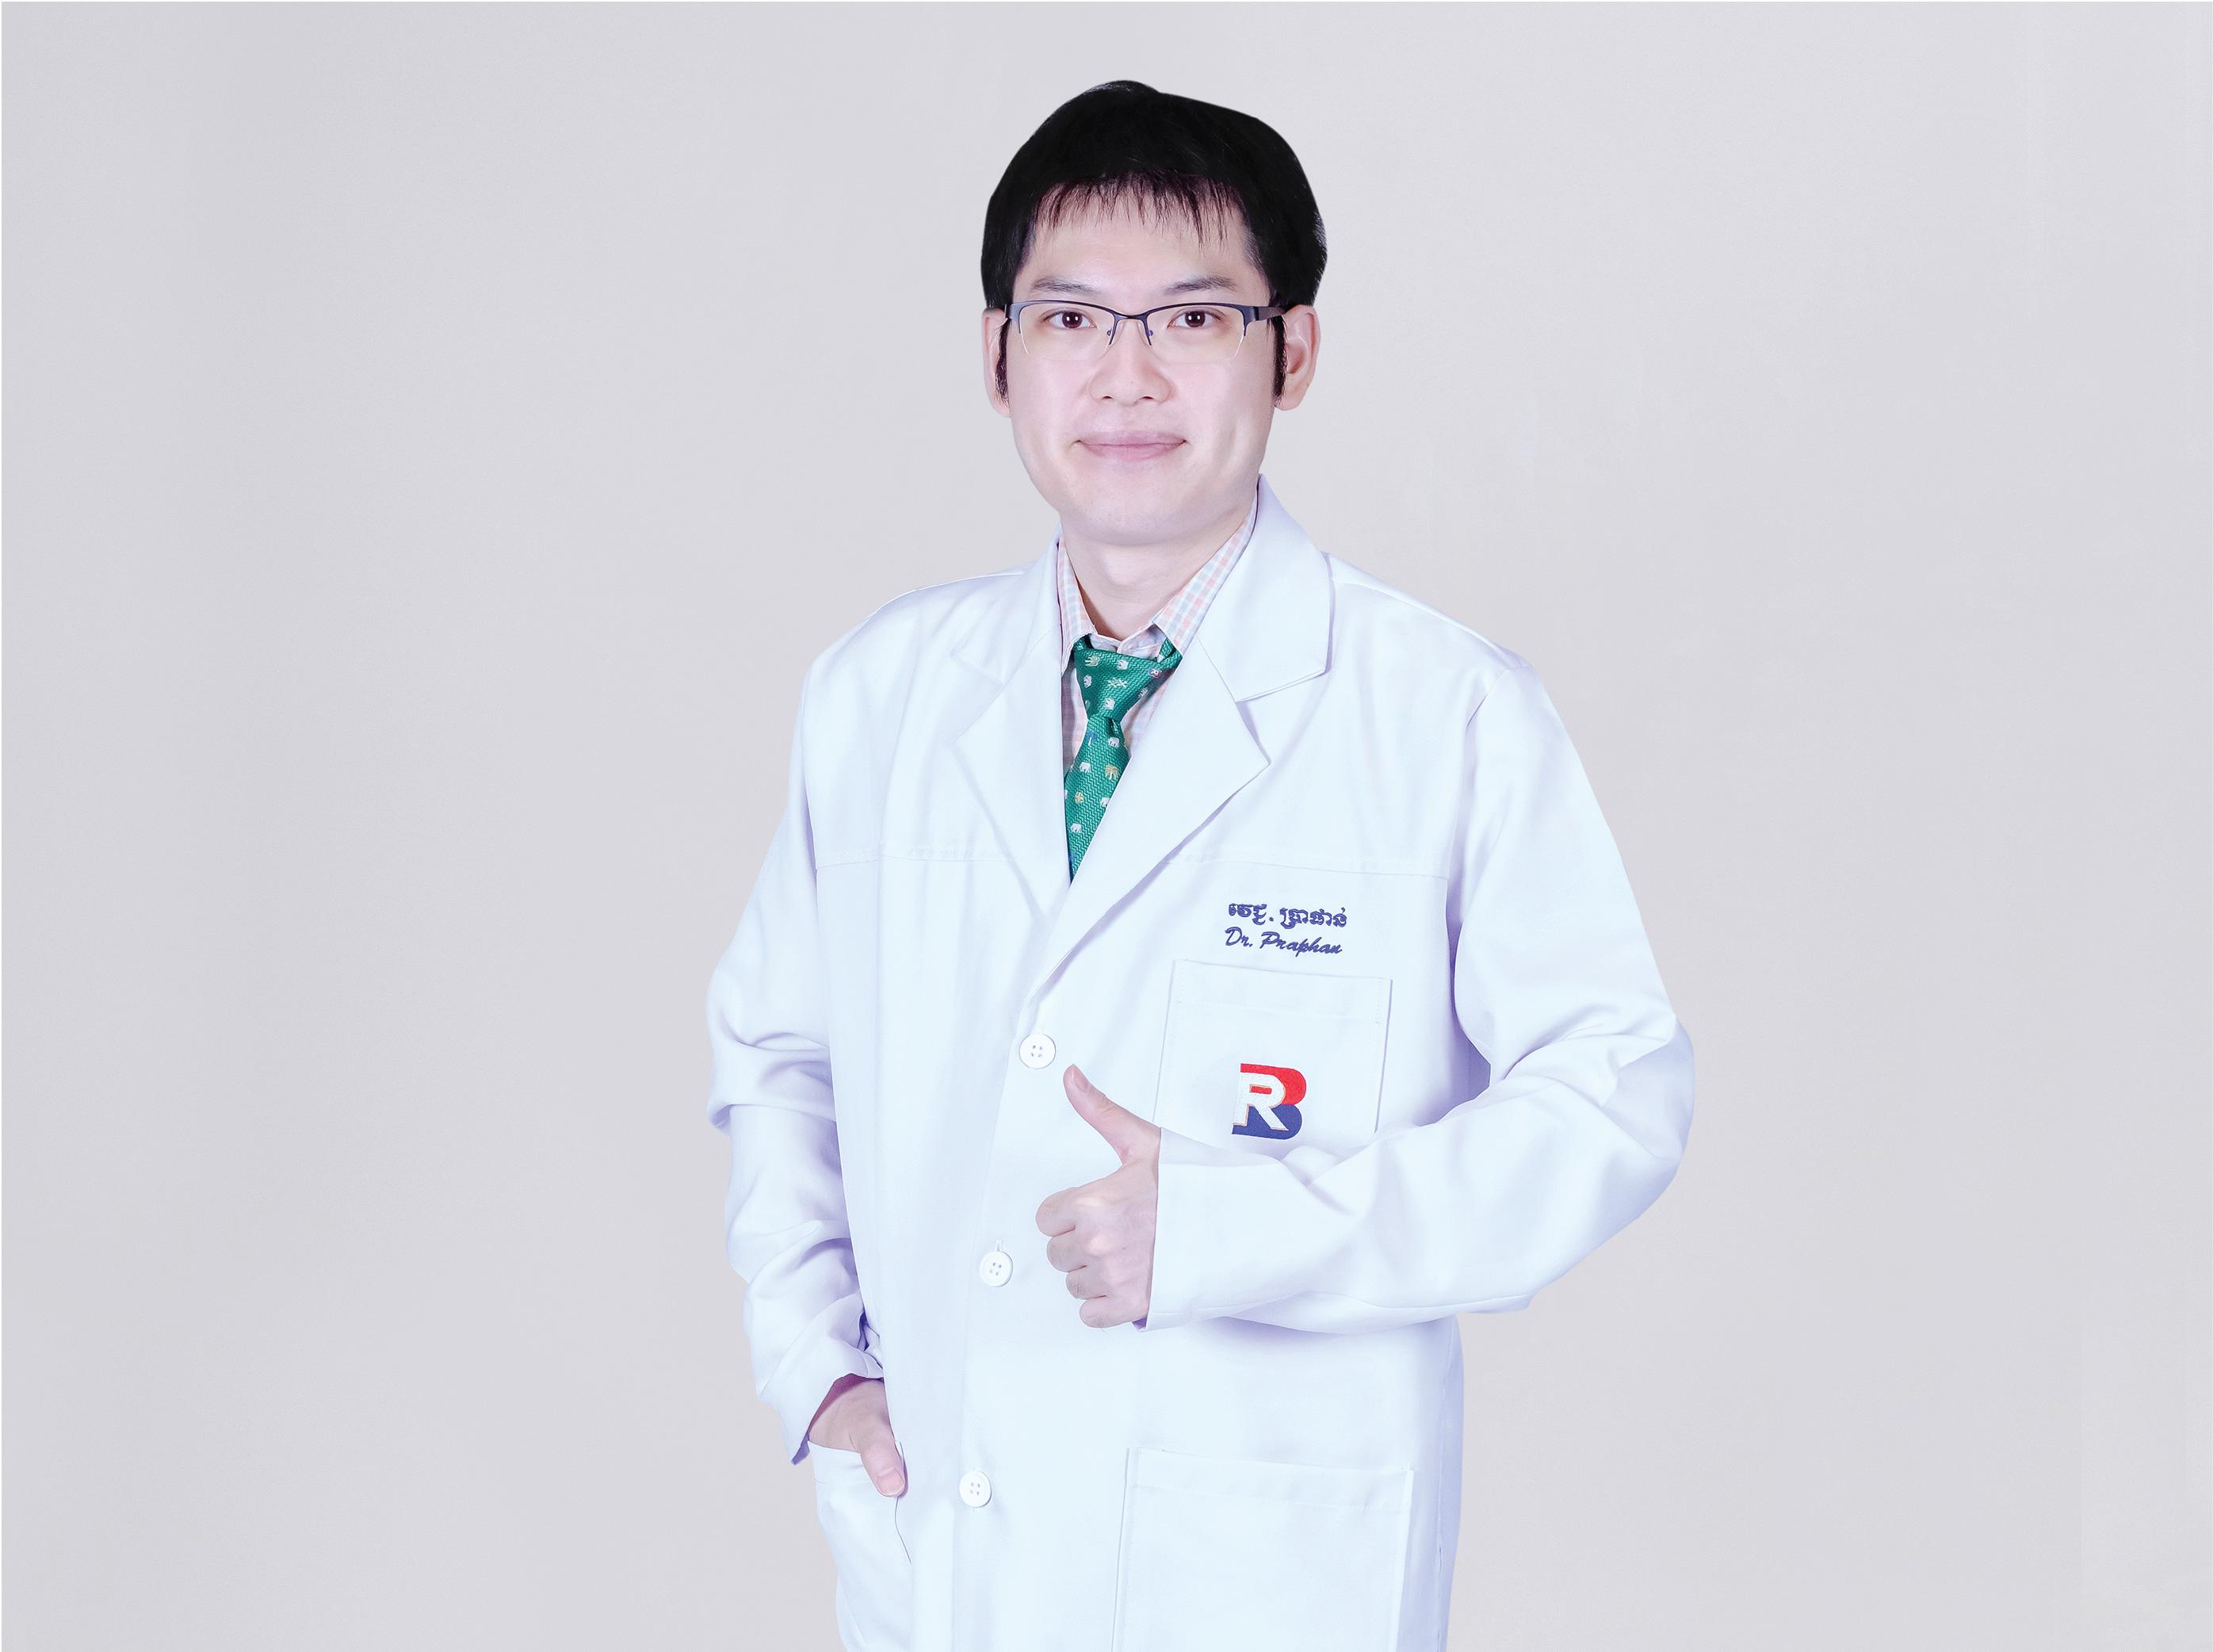 Dr. Praphan Laophannarai